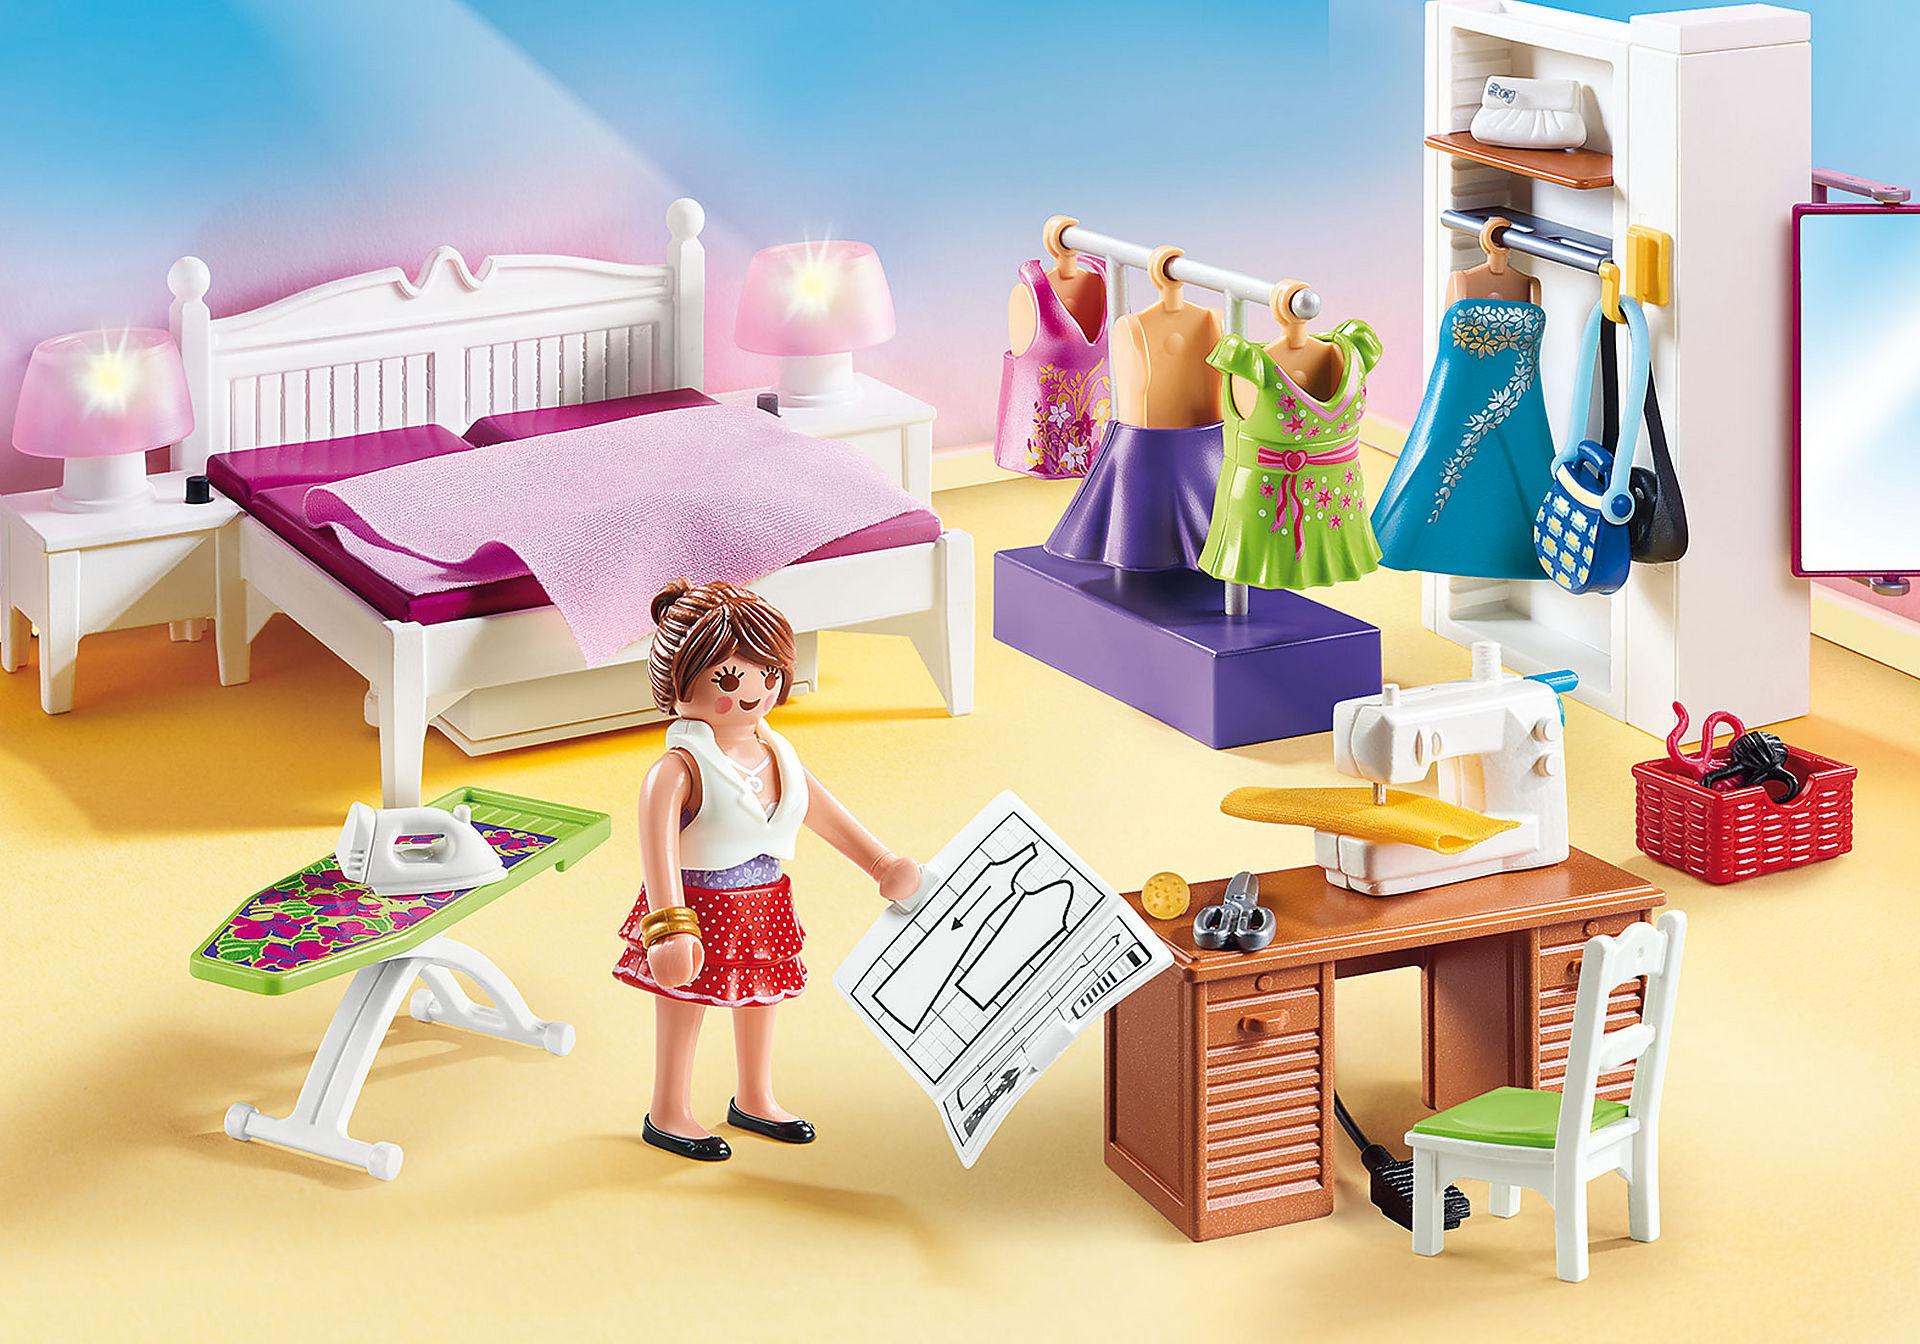 70208 Chambre avec espace couture zoom image1